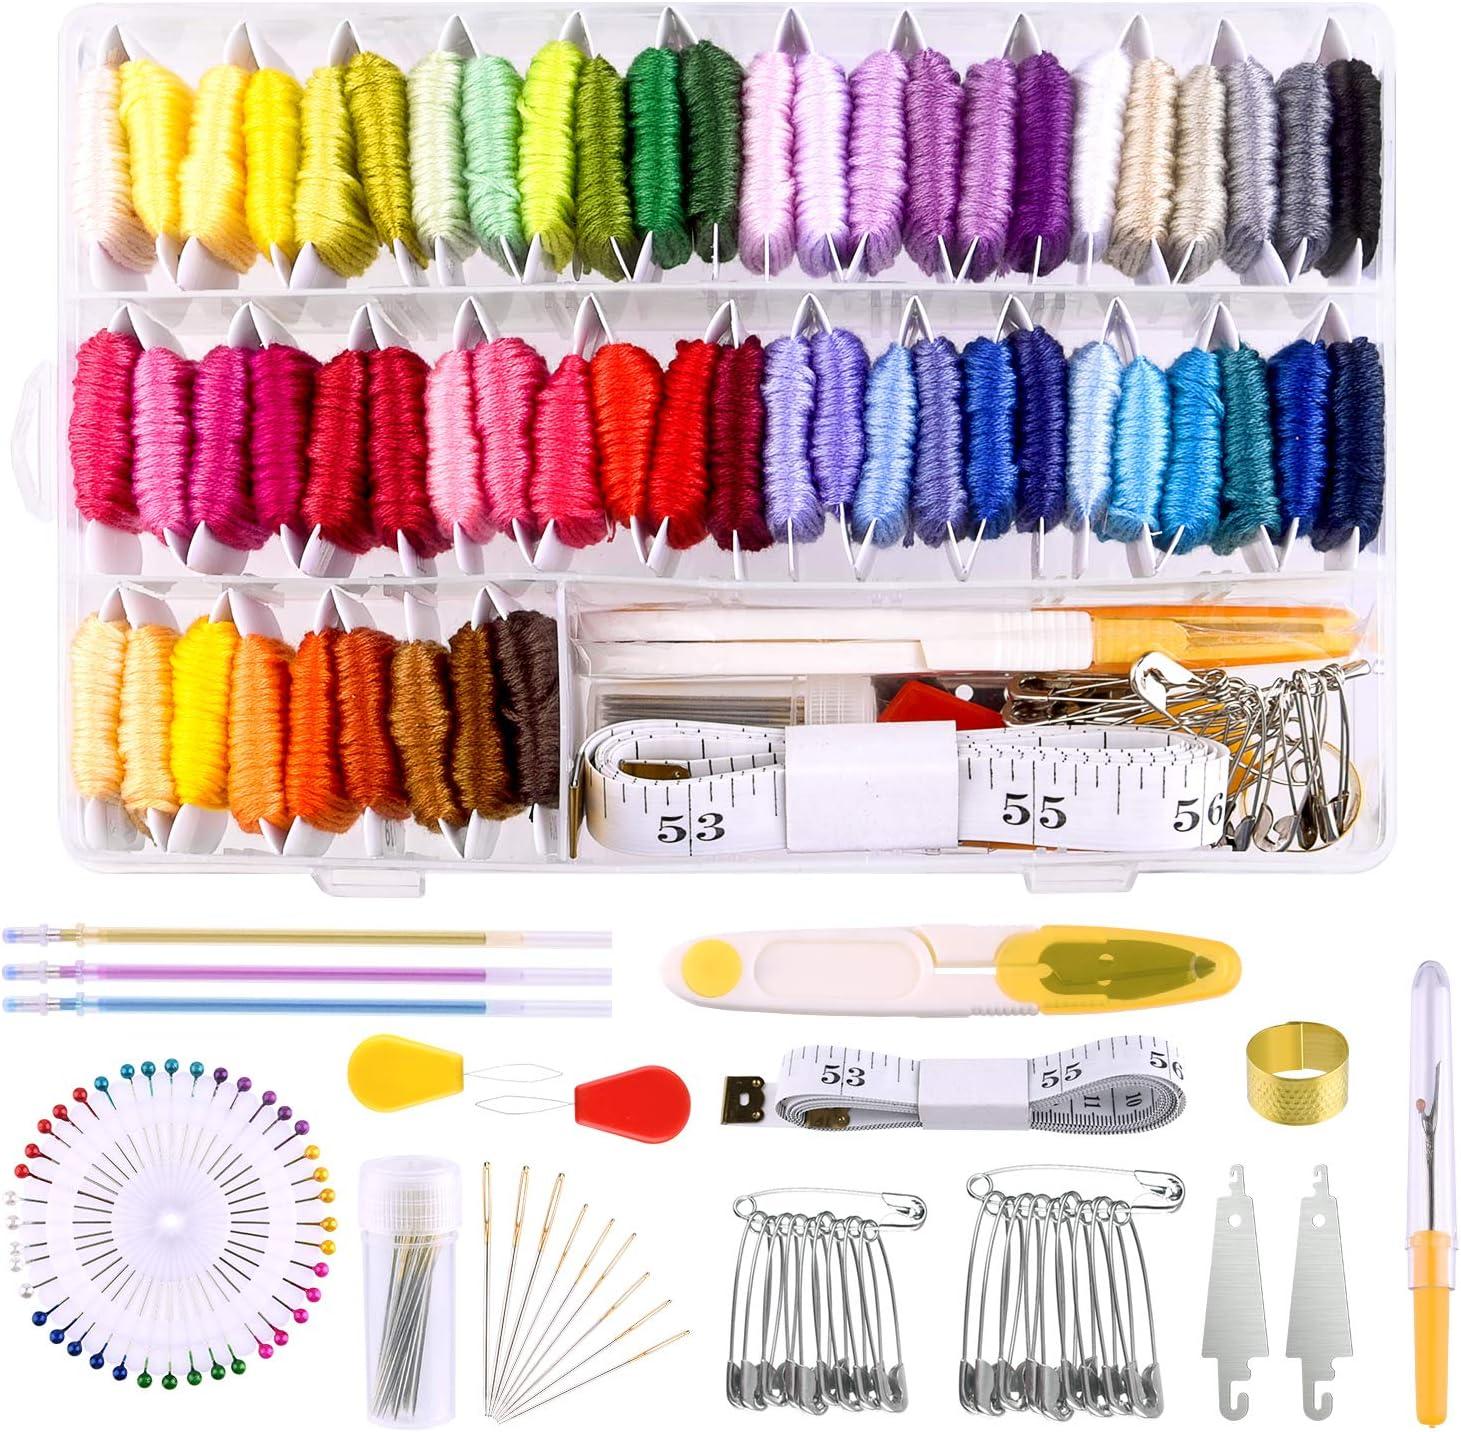 MIAHART 158 piezas de hilo de bordar con caja de almacenamiento del organizador, 57 hilos de bordado de color y kits de herramientas de punto de cruz para hacer cadenas de pulseras